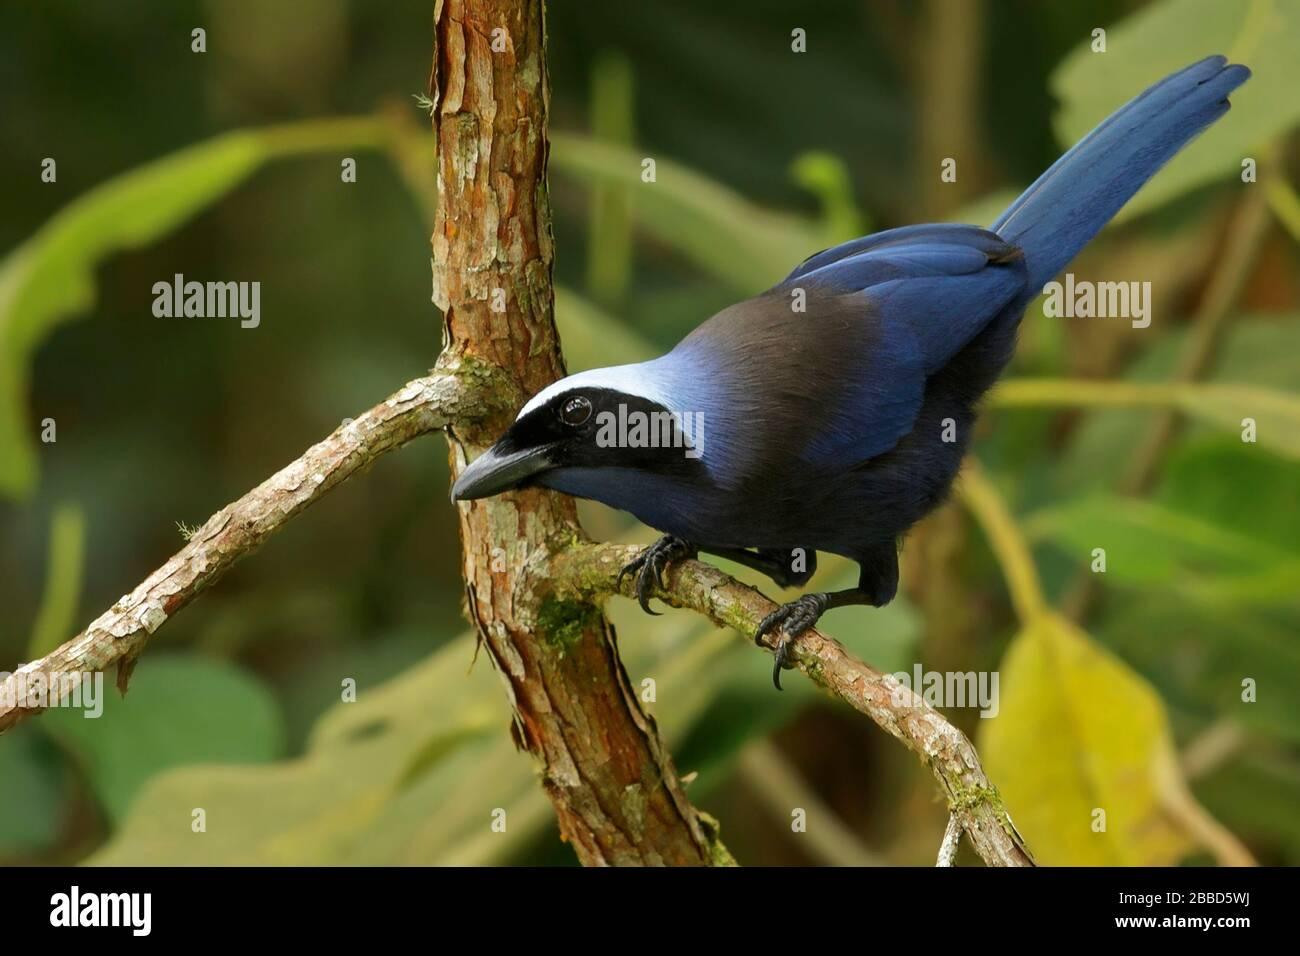 Magnifique Jay (Cyanolyca pulchra) perché sur une branche dans les montagnes des Andes en Colombie. Banque D'Images